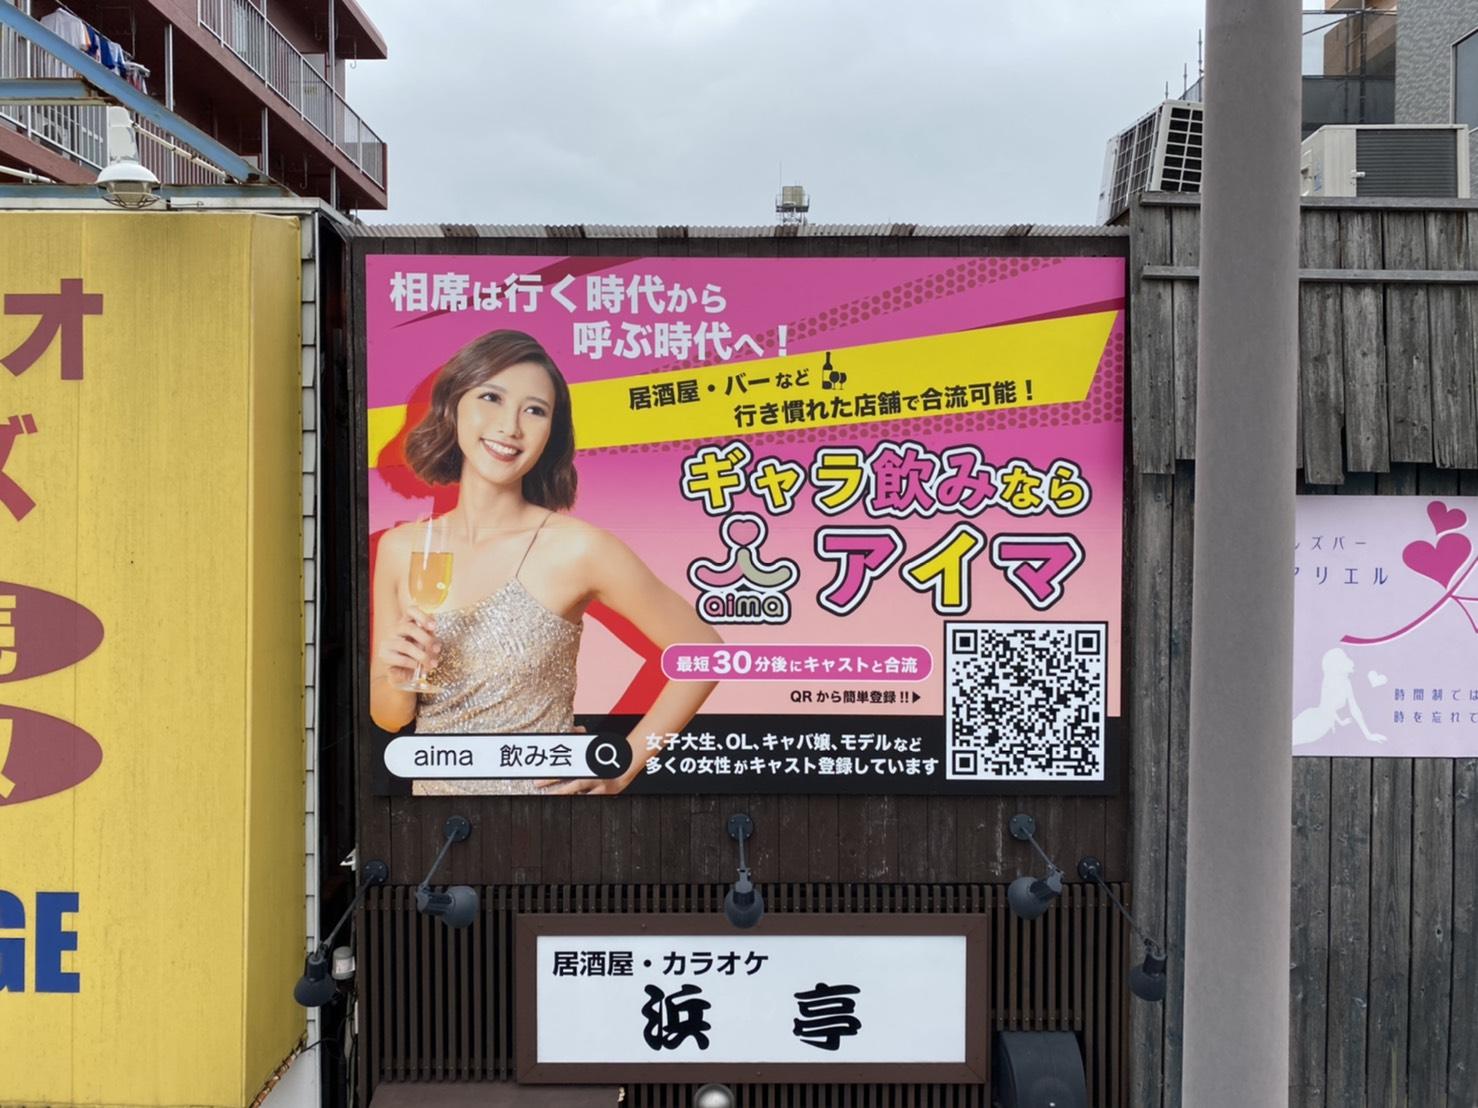 神奈川県横浜付近でaimaの看板が出来ました!